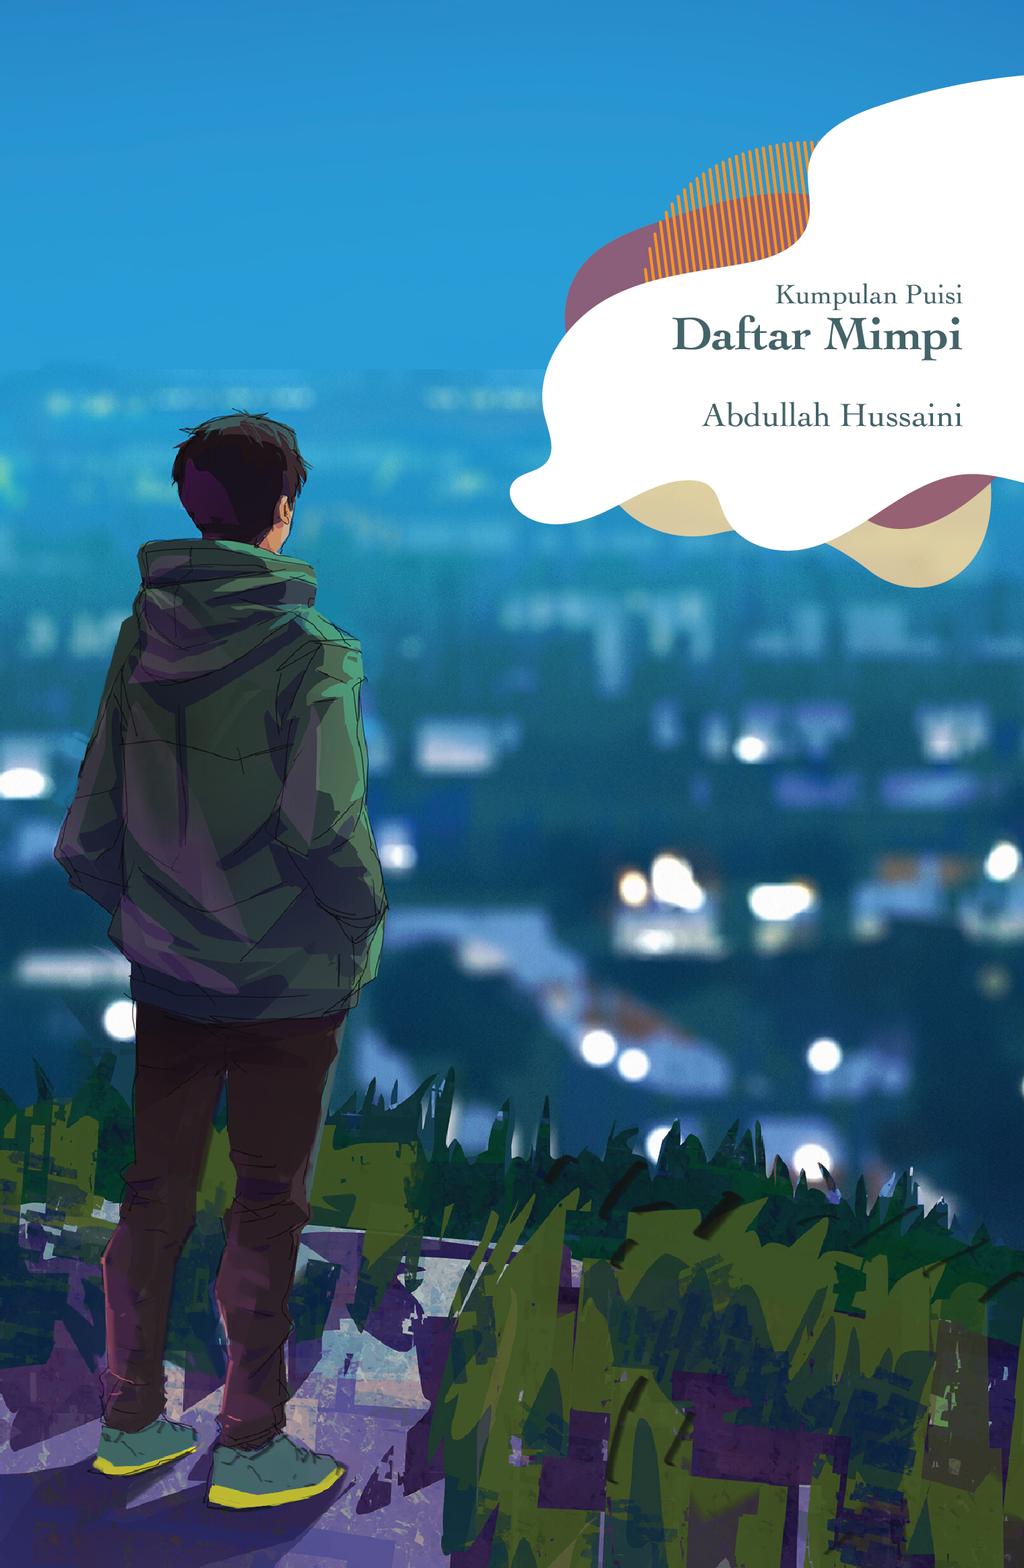 [Cover] Daftar Mimpi depan.png